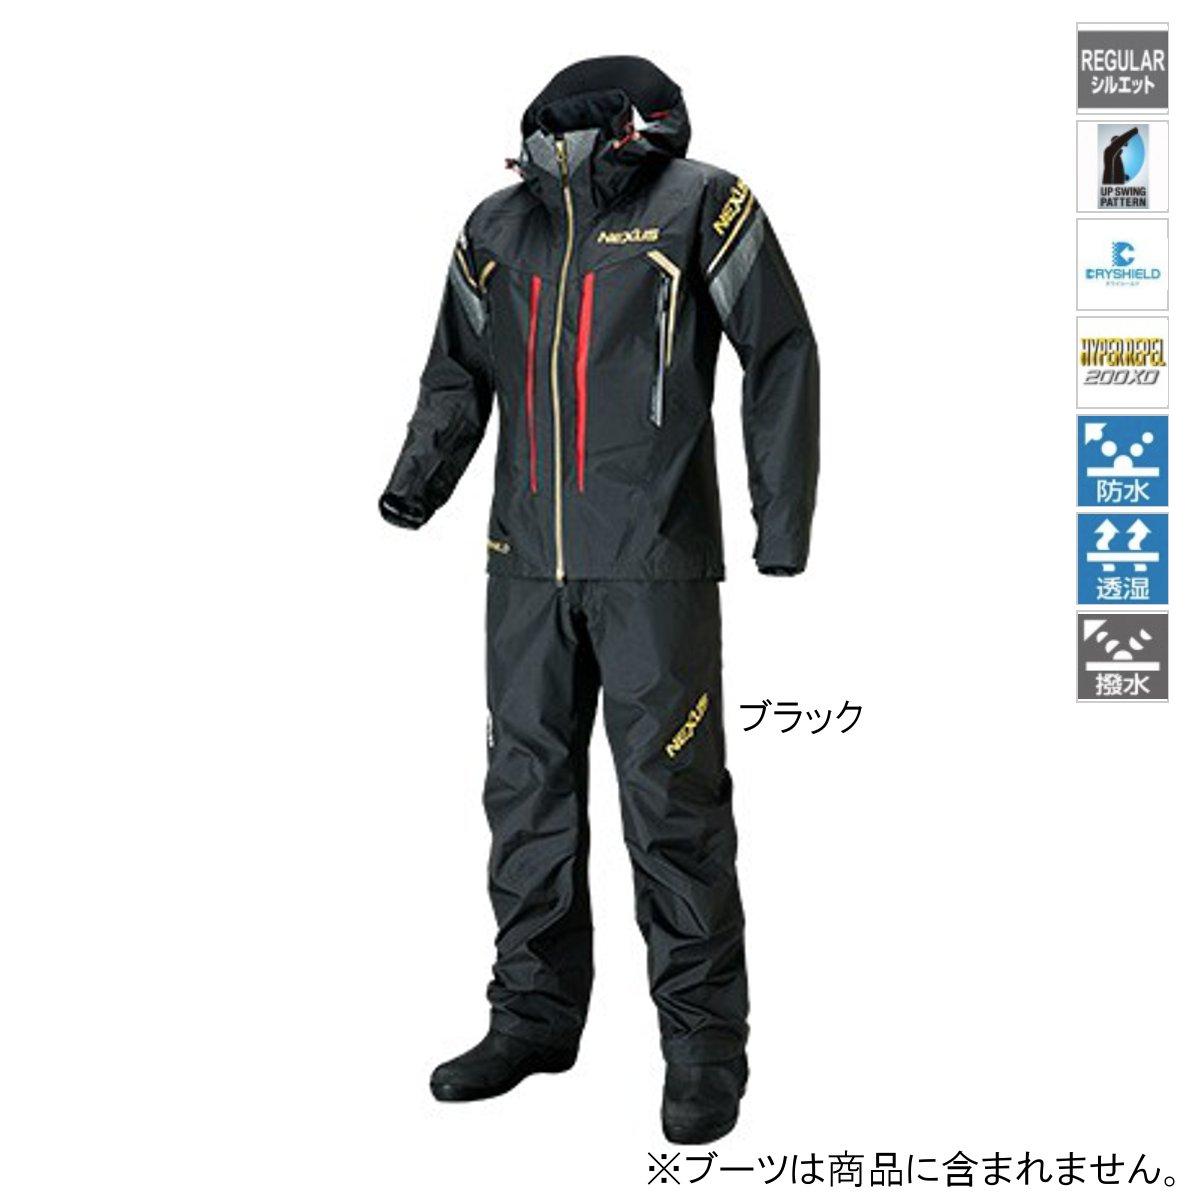 シマノ NEXUS・DS タフレインスーツ RA-124S 2XL ブラック【送料無料】